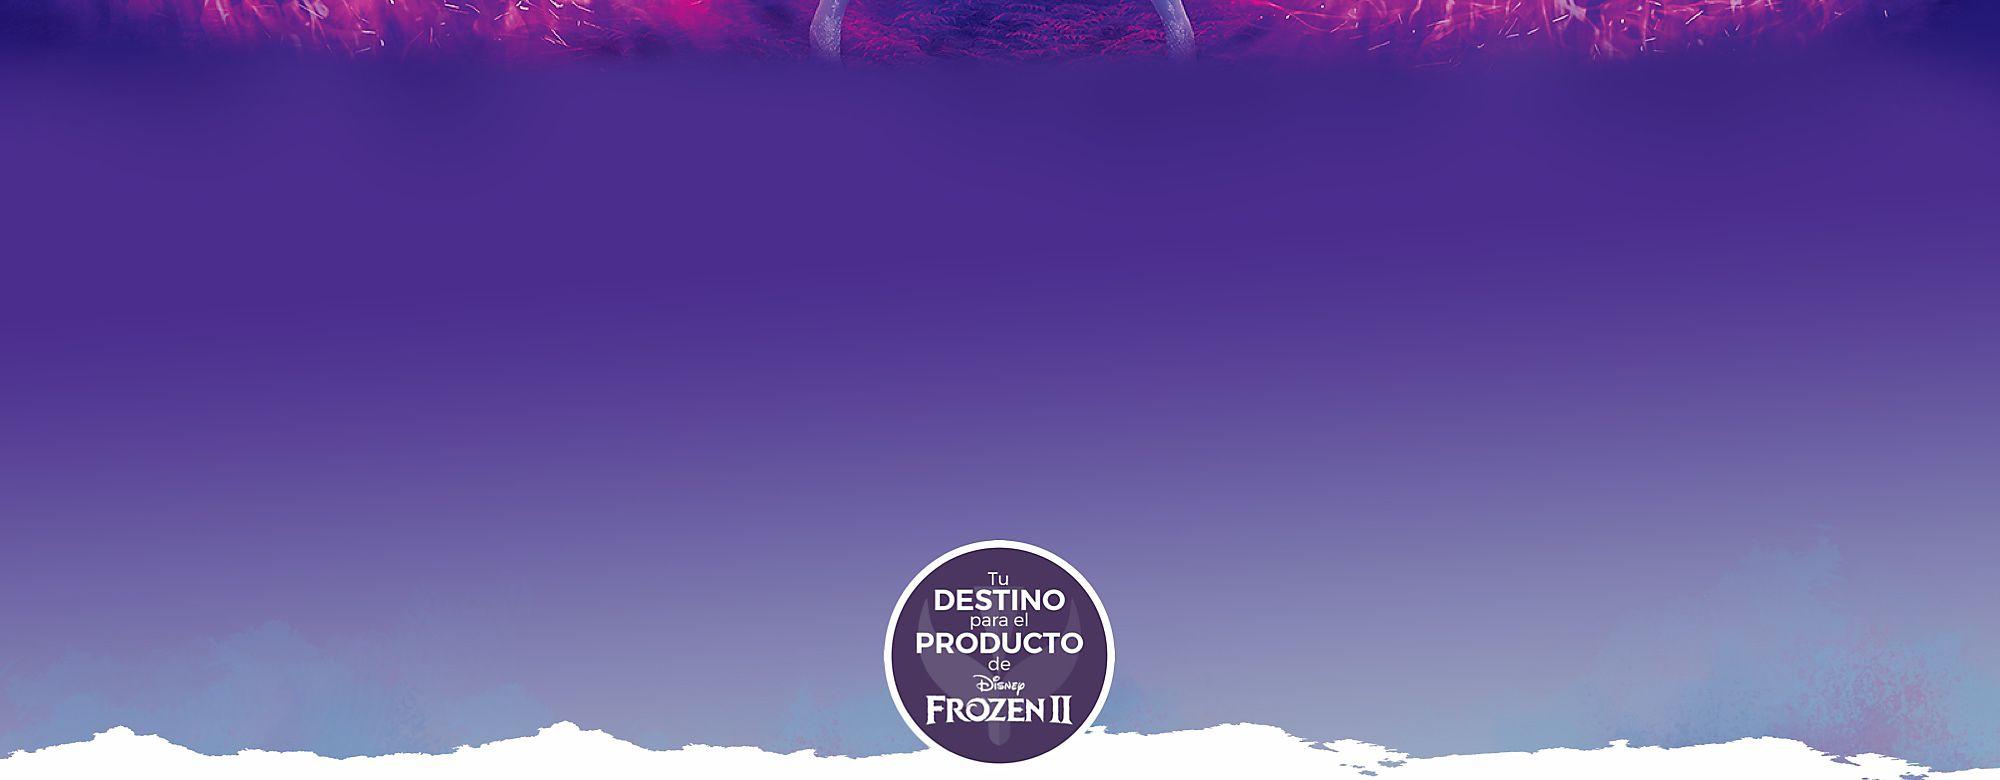 Frozen 2 – ¡Productos exclusivos, juguetes, disfraces y mucho más! Bienvenido a tu destino para el producto de Frozen 2, tenemos todos los juguetes, muñecas, disfraces y accesorios que encontrarás. Adéntrate en la nueva aventura de Elsa,  Anna, Kristoff, Olaf y Sven para conocer más detalles sobre de dónde vienen los poderes de Elsa. COMPRAR